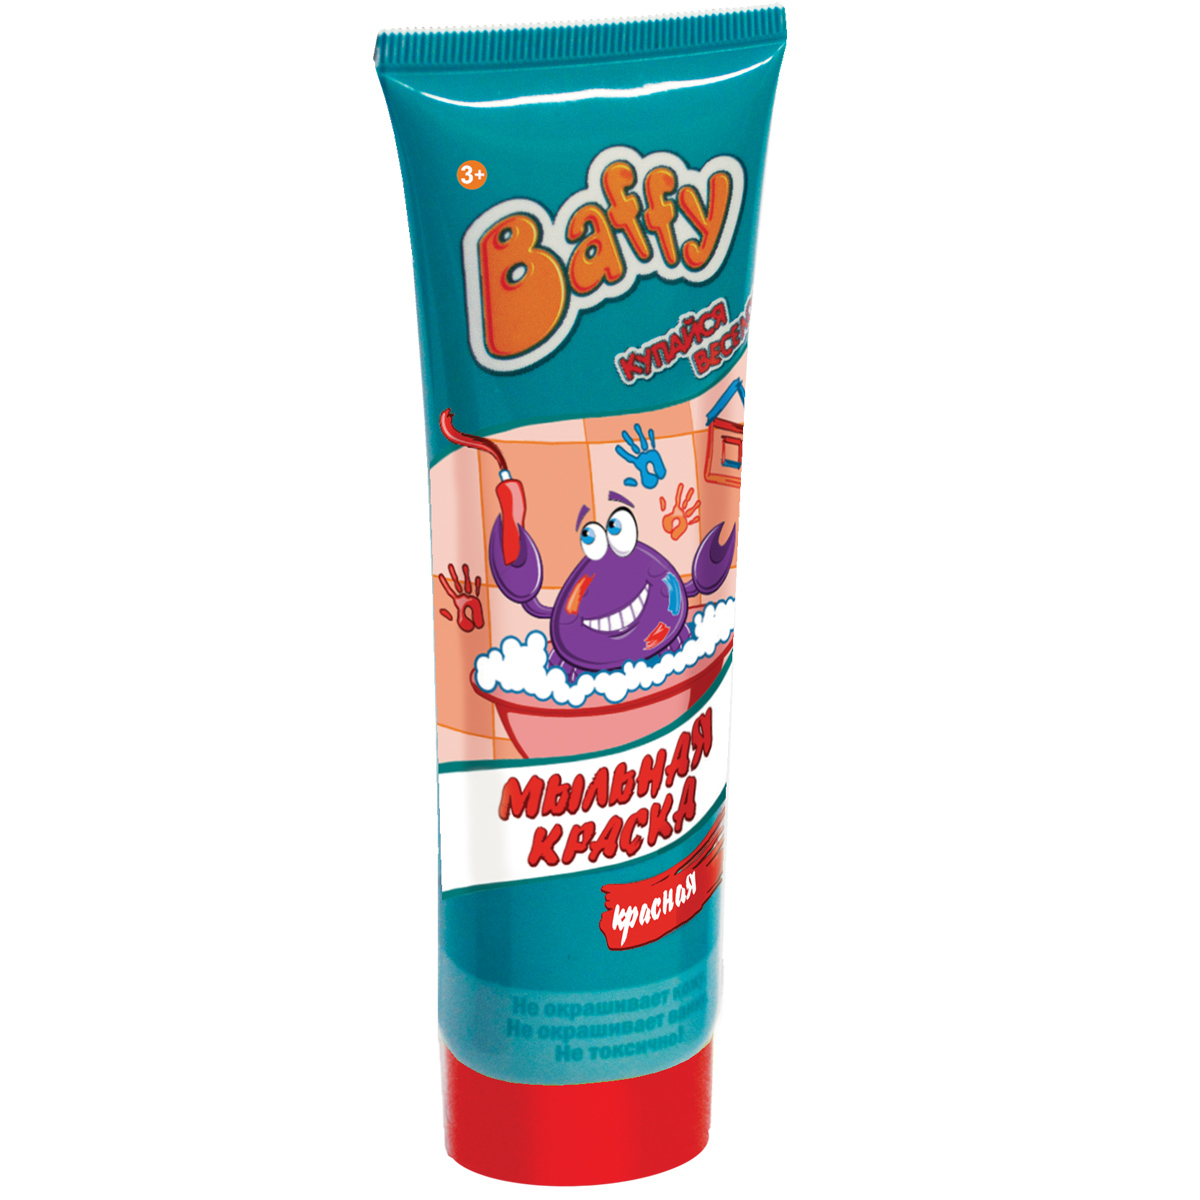 """Купание в ванне превратится в увлекательную и творческую игру с помощью мыльной краски """"Baffy"""". Теперь можно рисовать прямо в ванной! Нанесите краски на кожу, рисуйте на кафельной поверхности или самой ванне. Благодаря специальному мыльному составу, красками можно не только рисовать, но и мыться. Легко смываются водой. Не окрашивает кожу и ванну. Безопасно для кожи ребенка. Объем: 75 мл."""